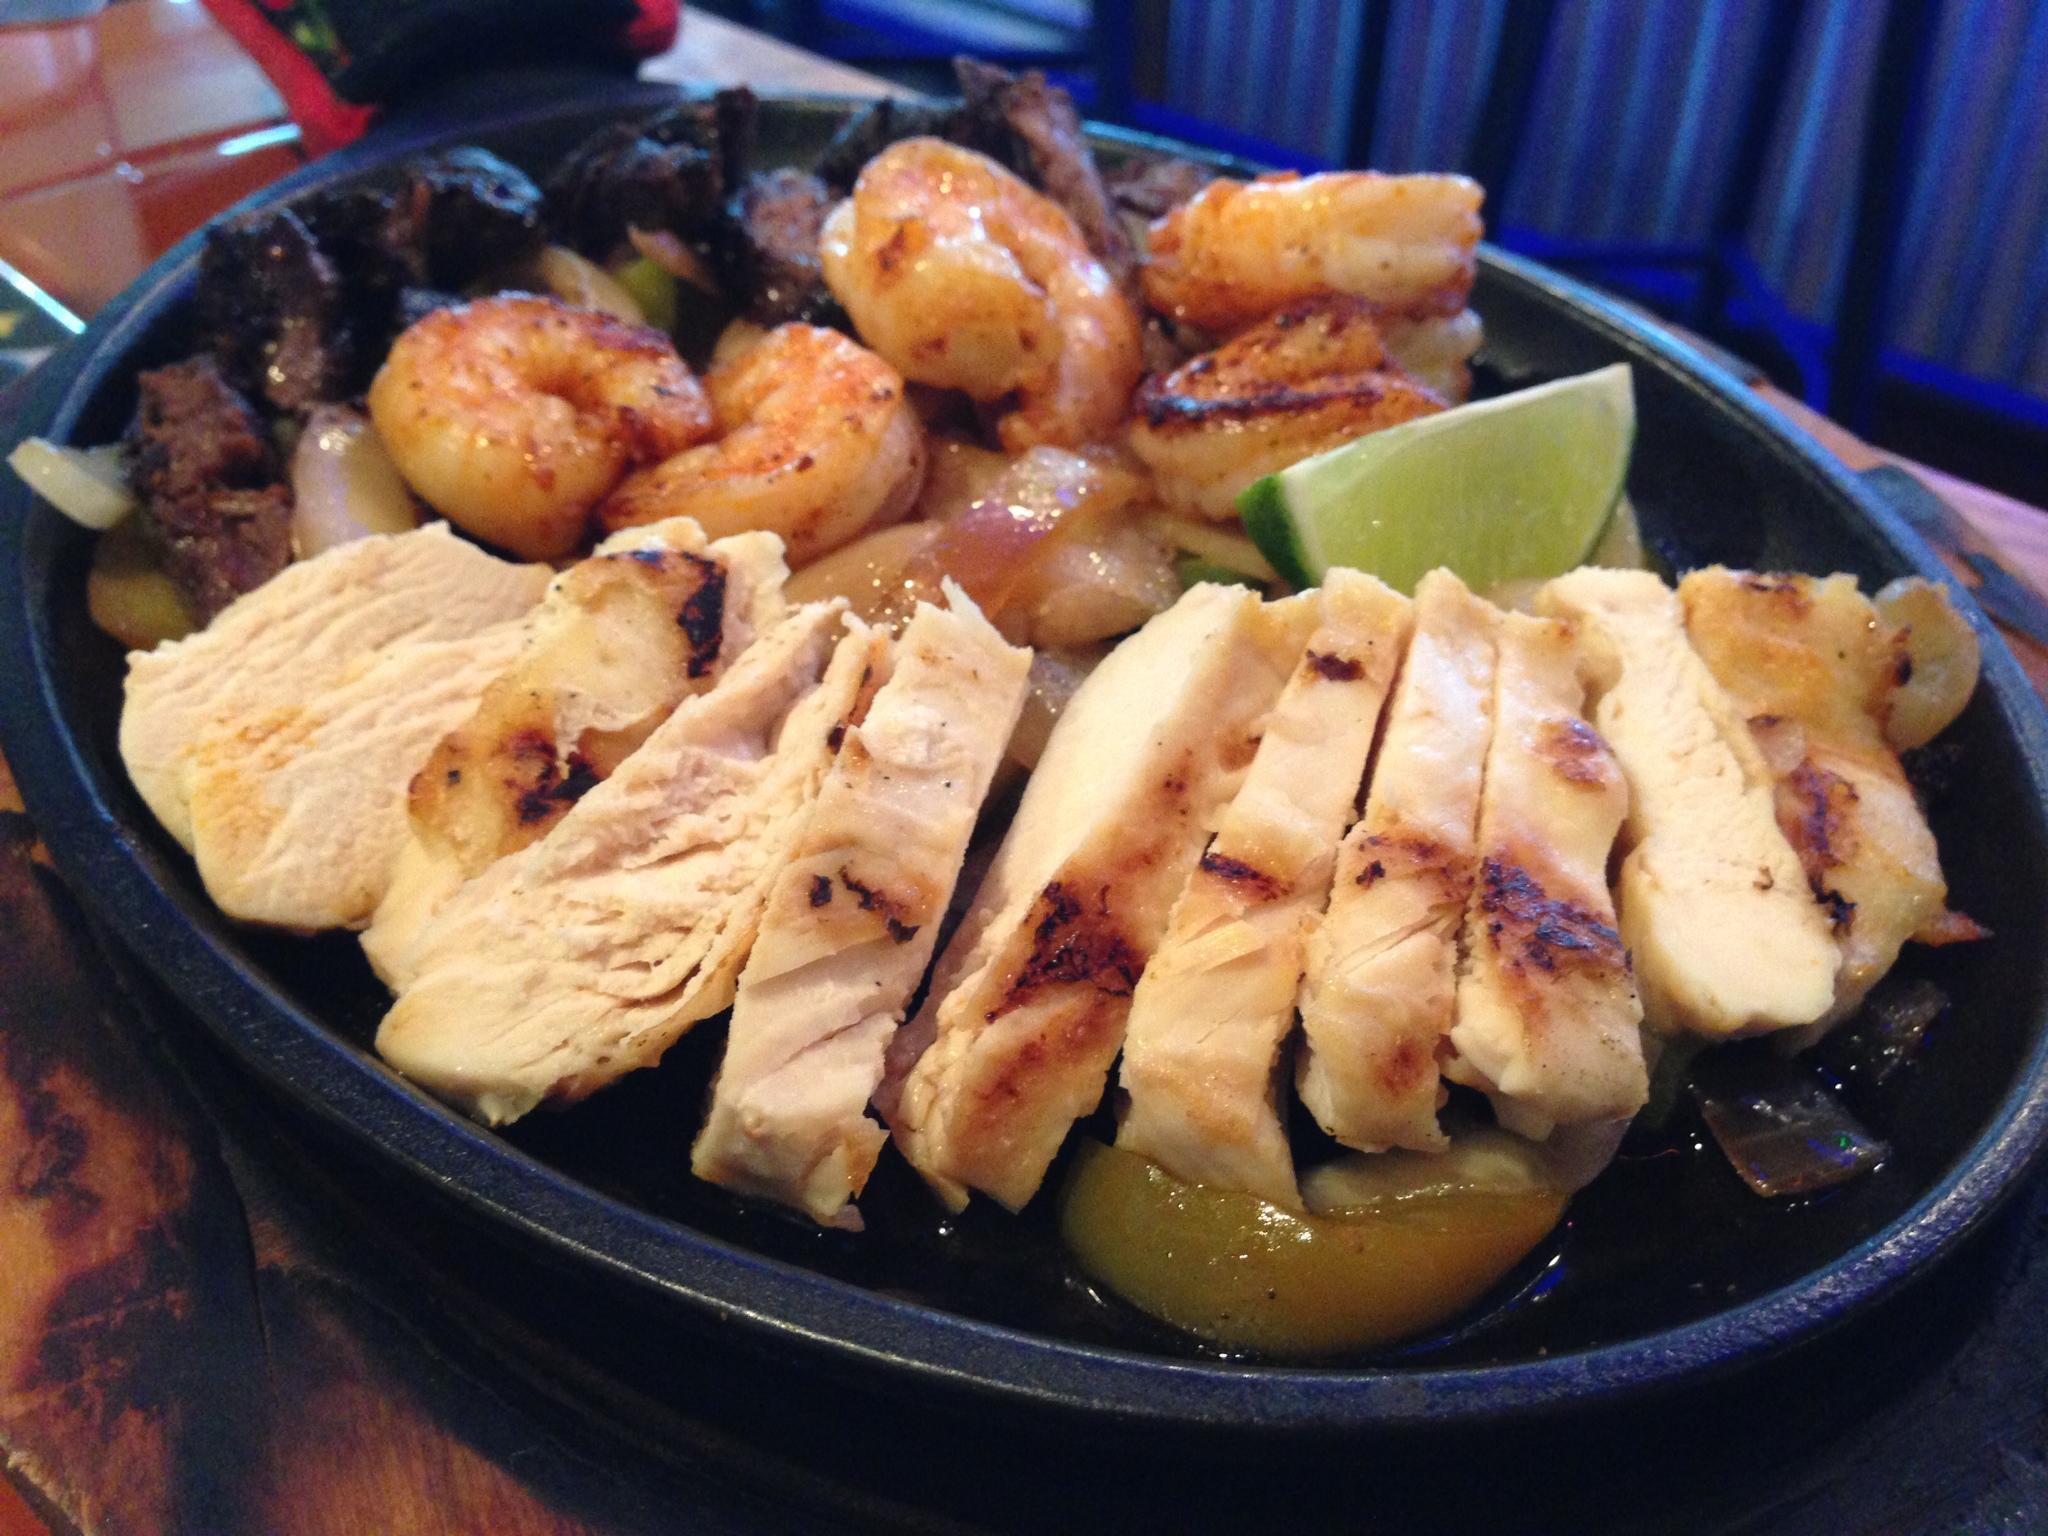 Chicken, Shrimp, Steak Platter